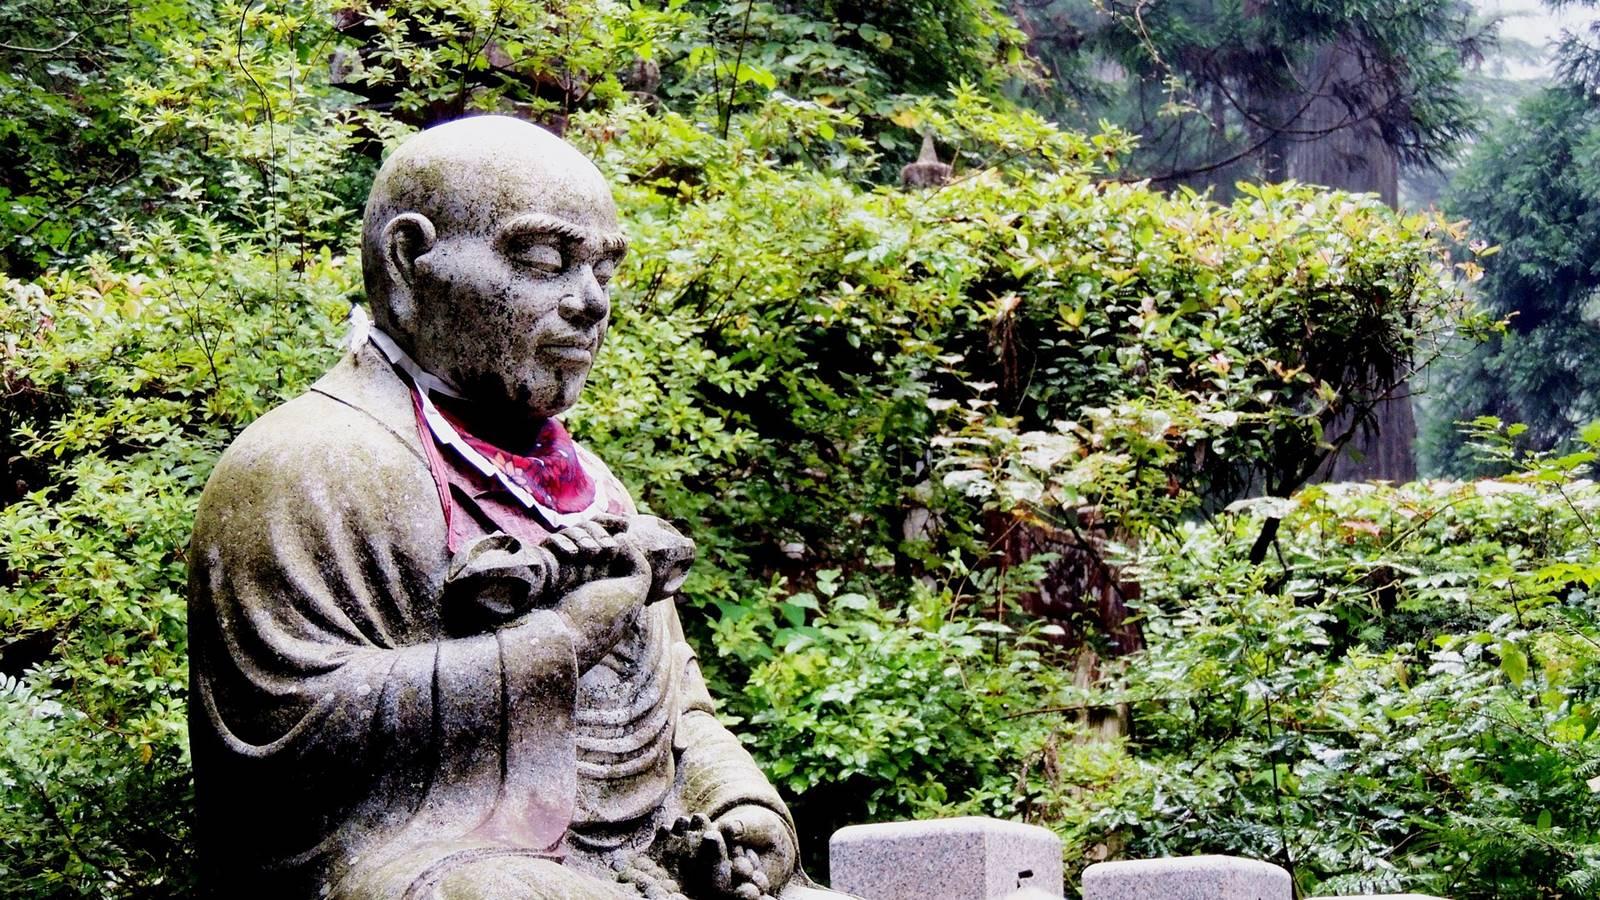 和歌山-高野山-高野山景點-高野山交通-行程-攻略-一日遊-二日遊-自由行-旅遊-遊記-Koyasan-Travel-Japan-日本